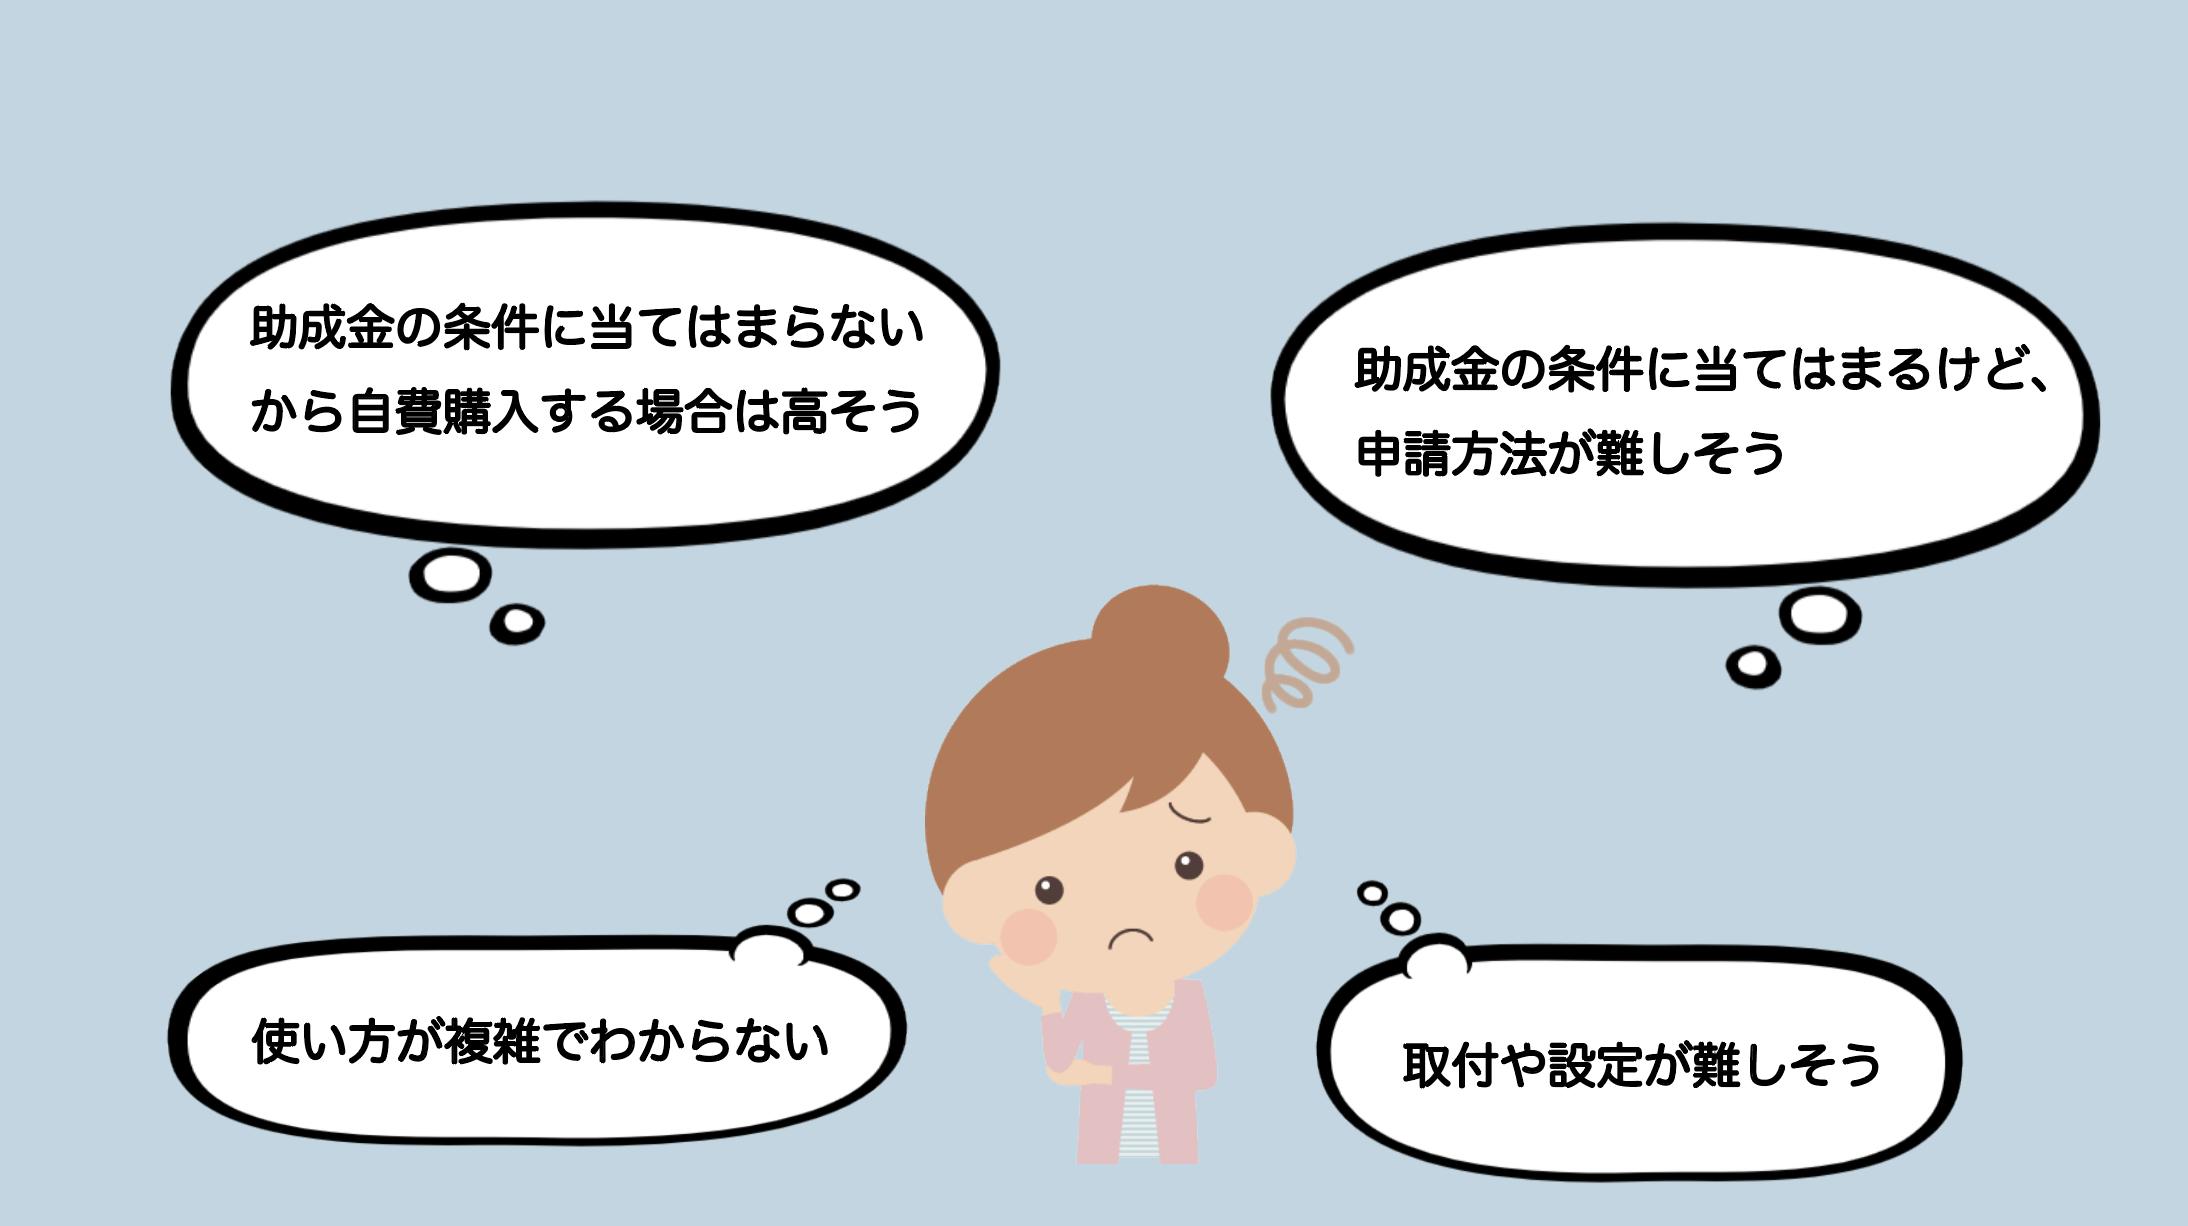 ろう者・難聴者がフラッシュライト(聴覚障害者用屋内信号装置)について悩む様子